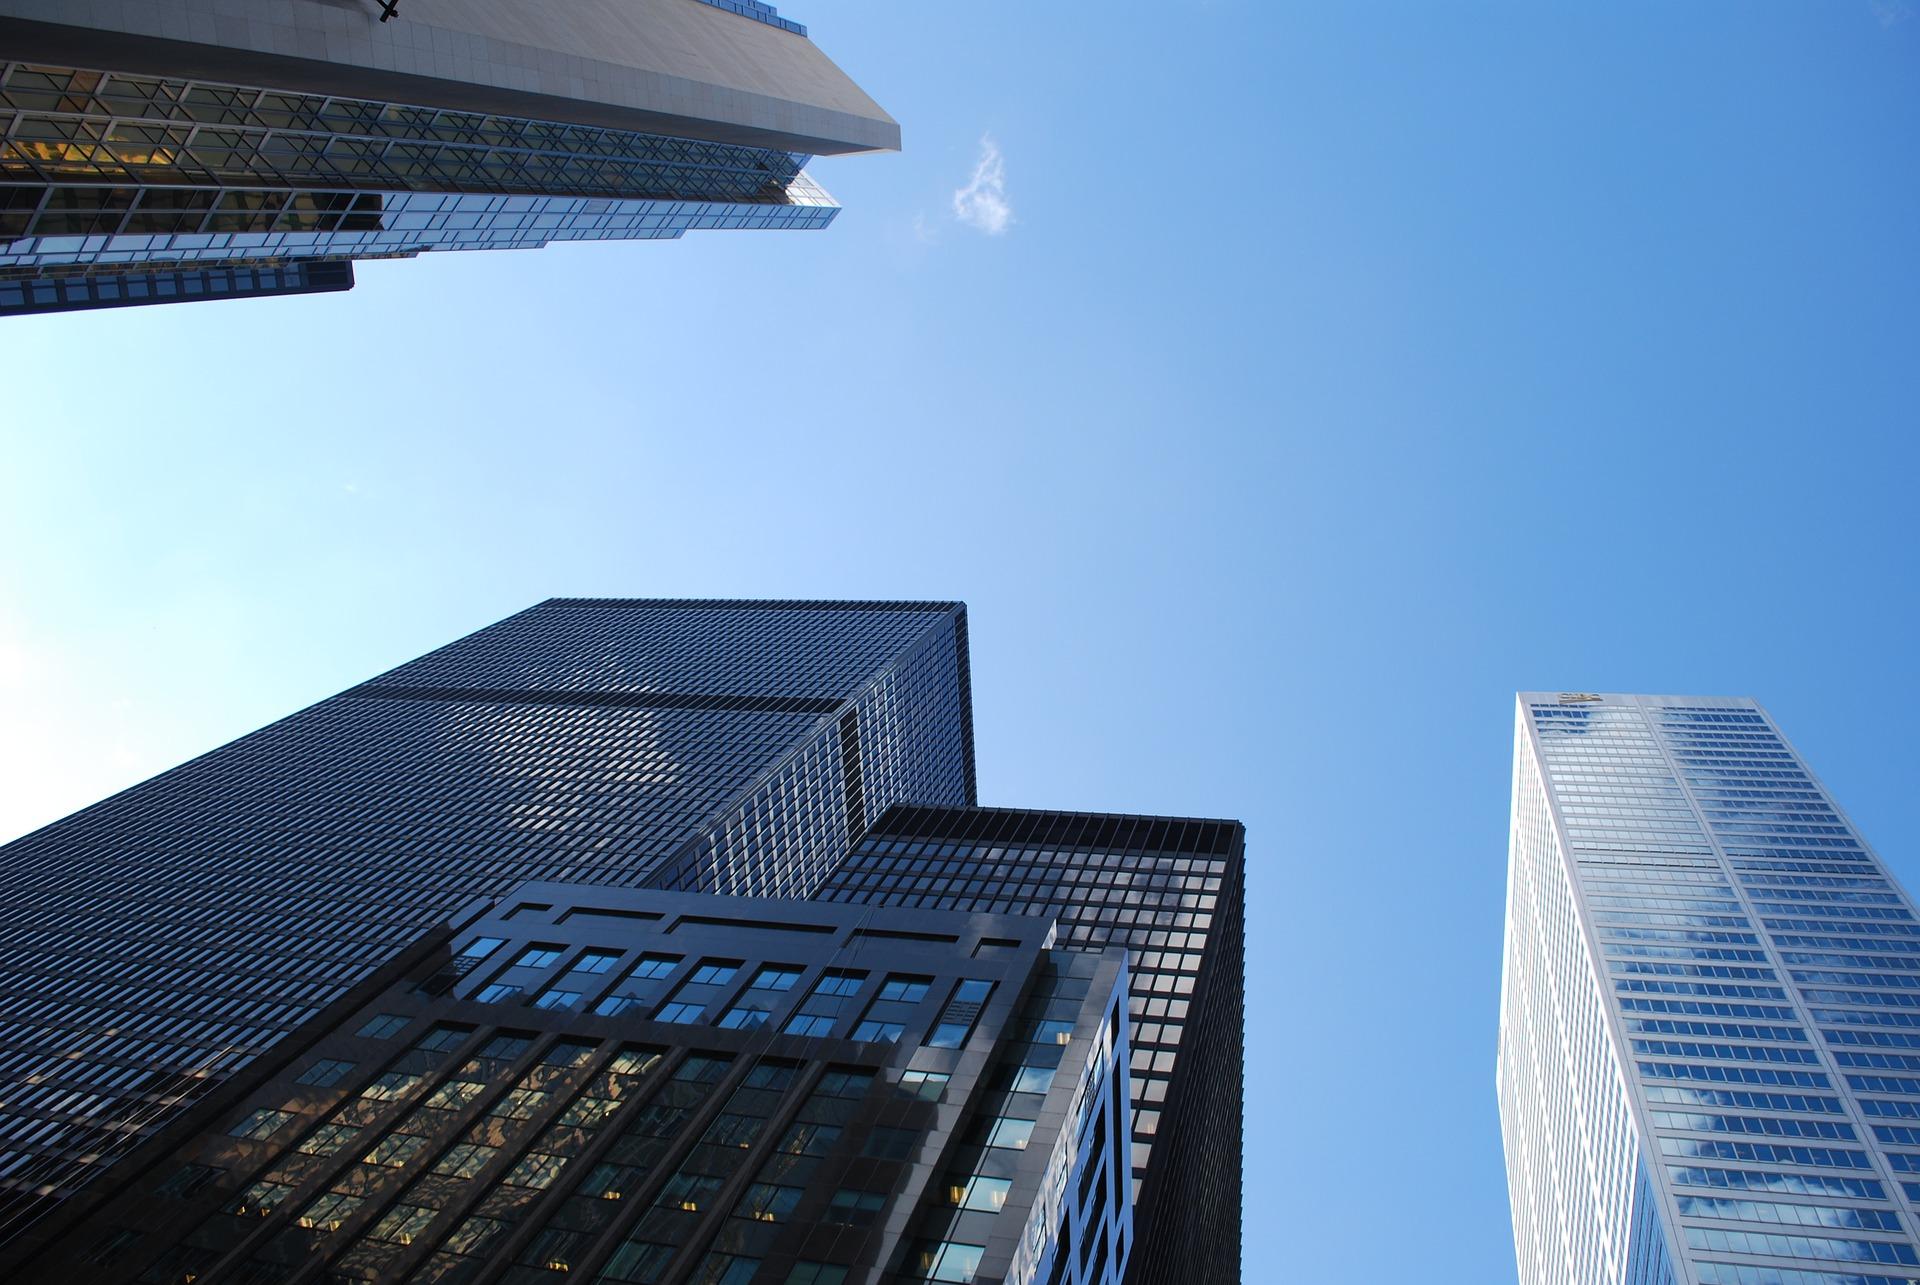 ベンチャー企業に転職するときの注意点とは?ベンチャーの特徴や実態を解説